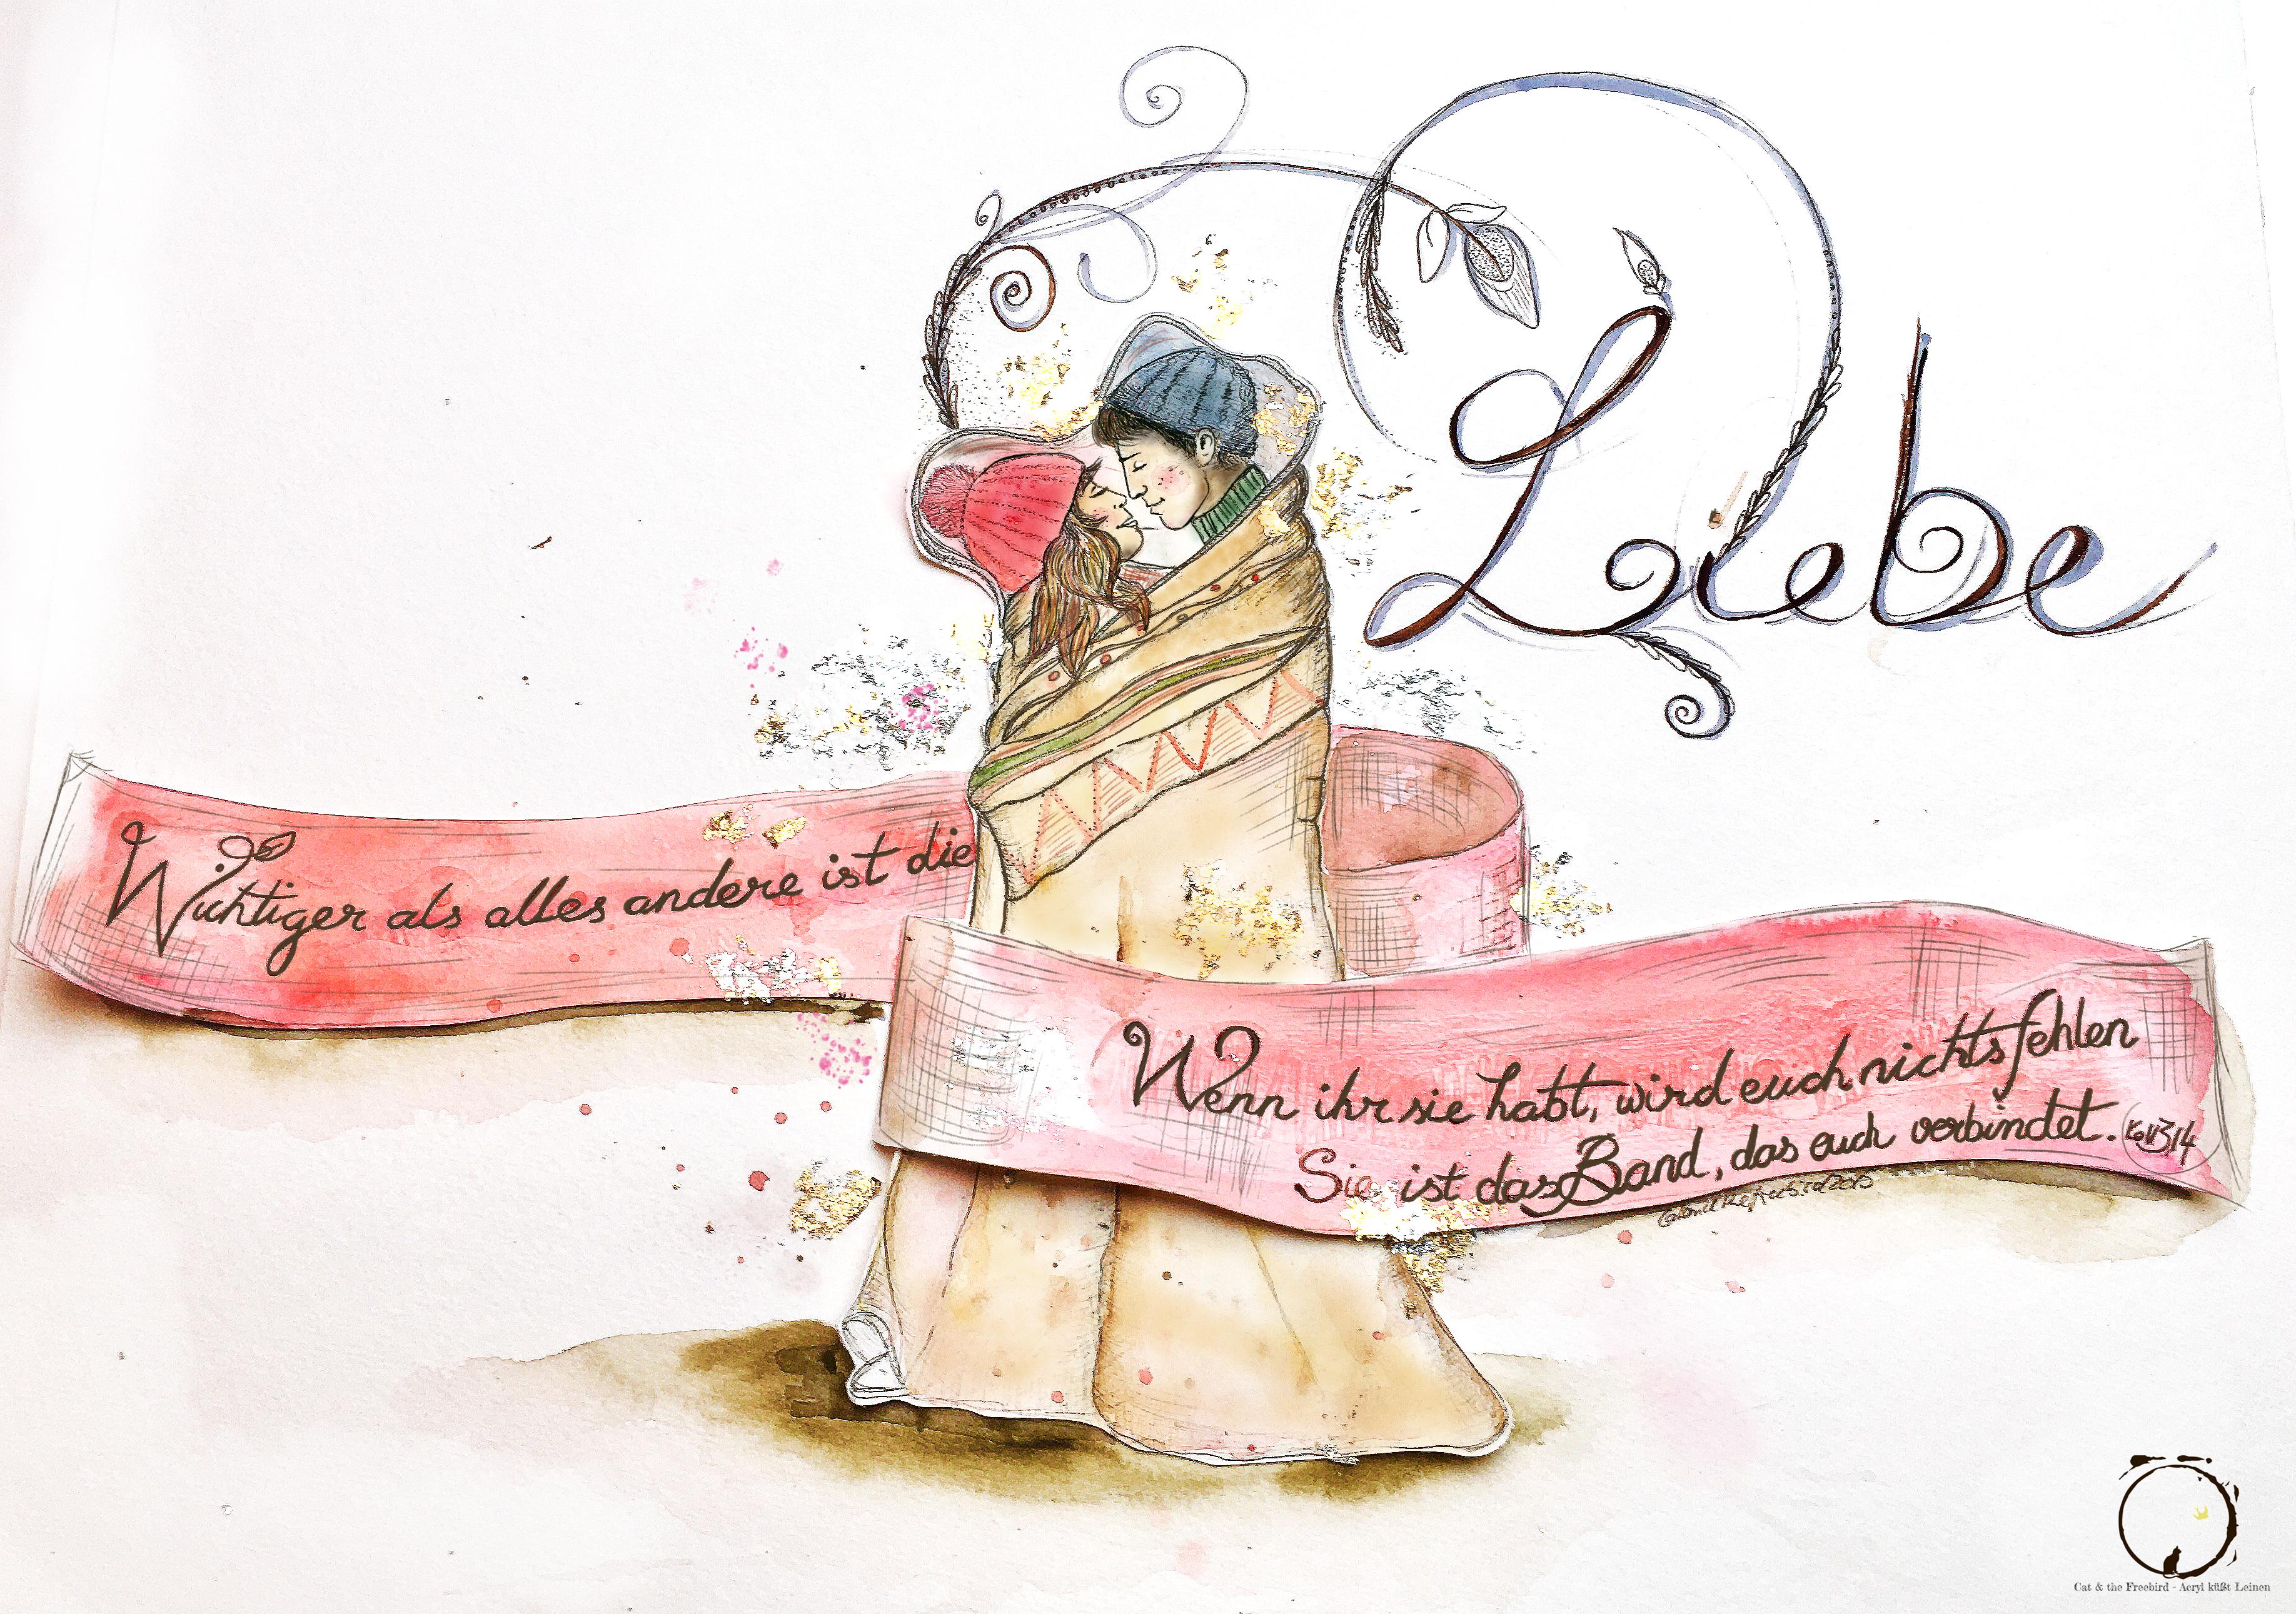 Kolosser 13,4 BAnd der Liebe